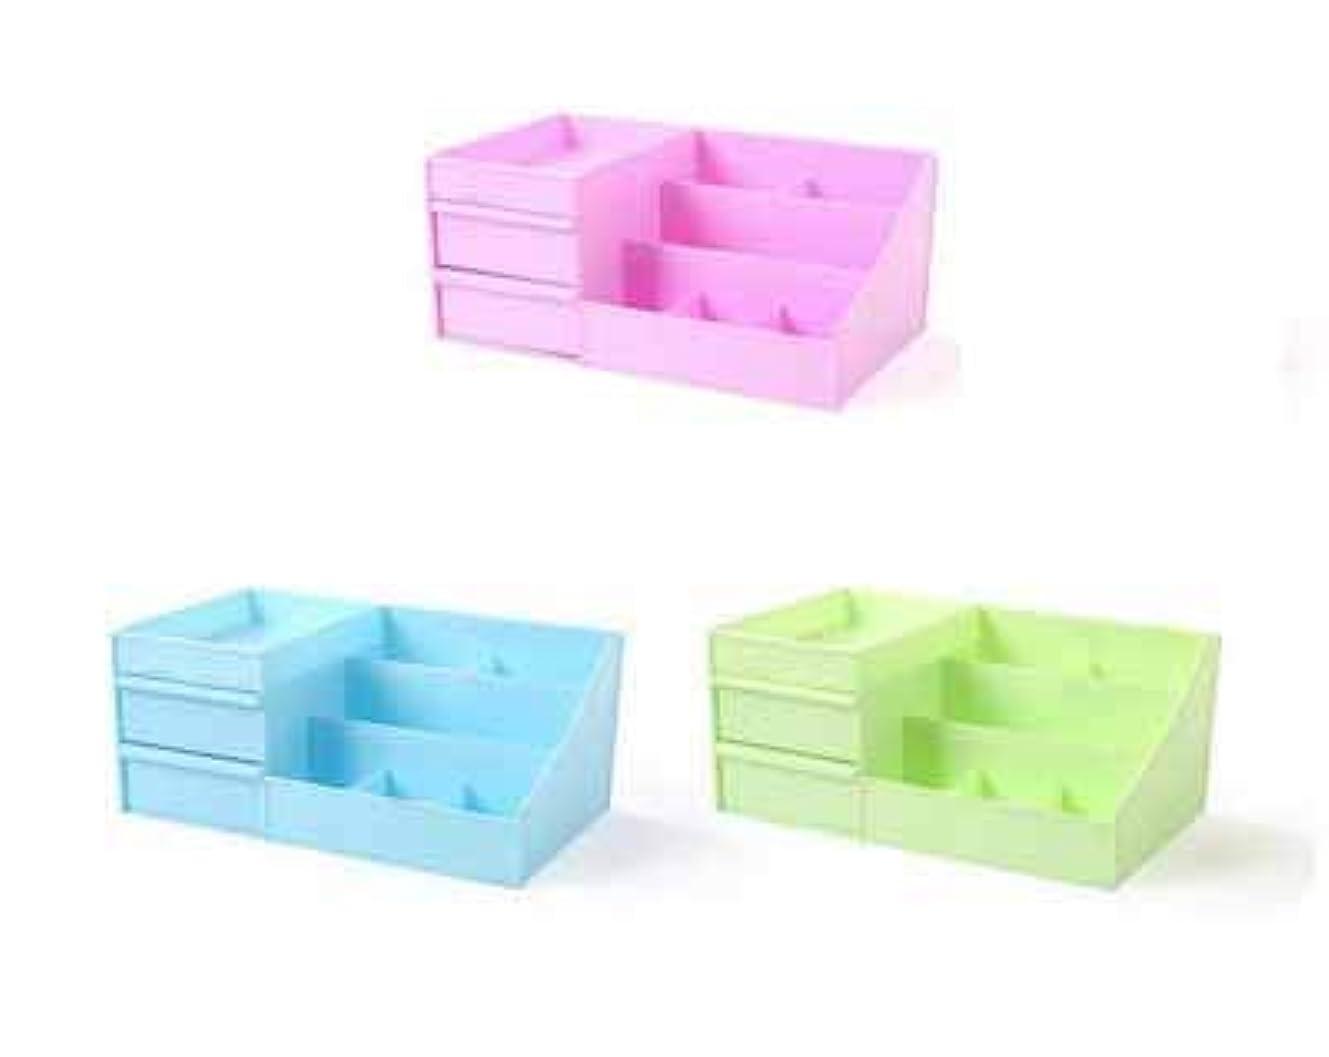 ほこり条件付きスローガン化粧品収納ボックスプラスチックの創造的な家庭用品デスクトップの破片の宝石箱大きな引き出し (Color : グリンー)